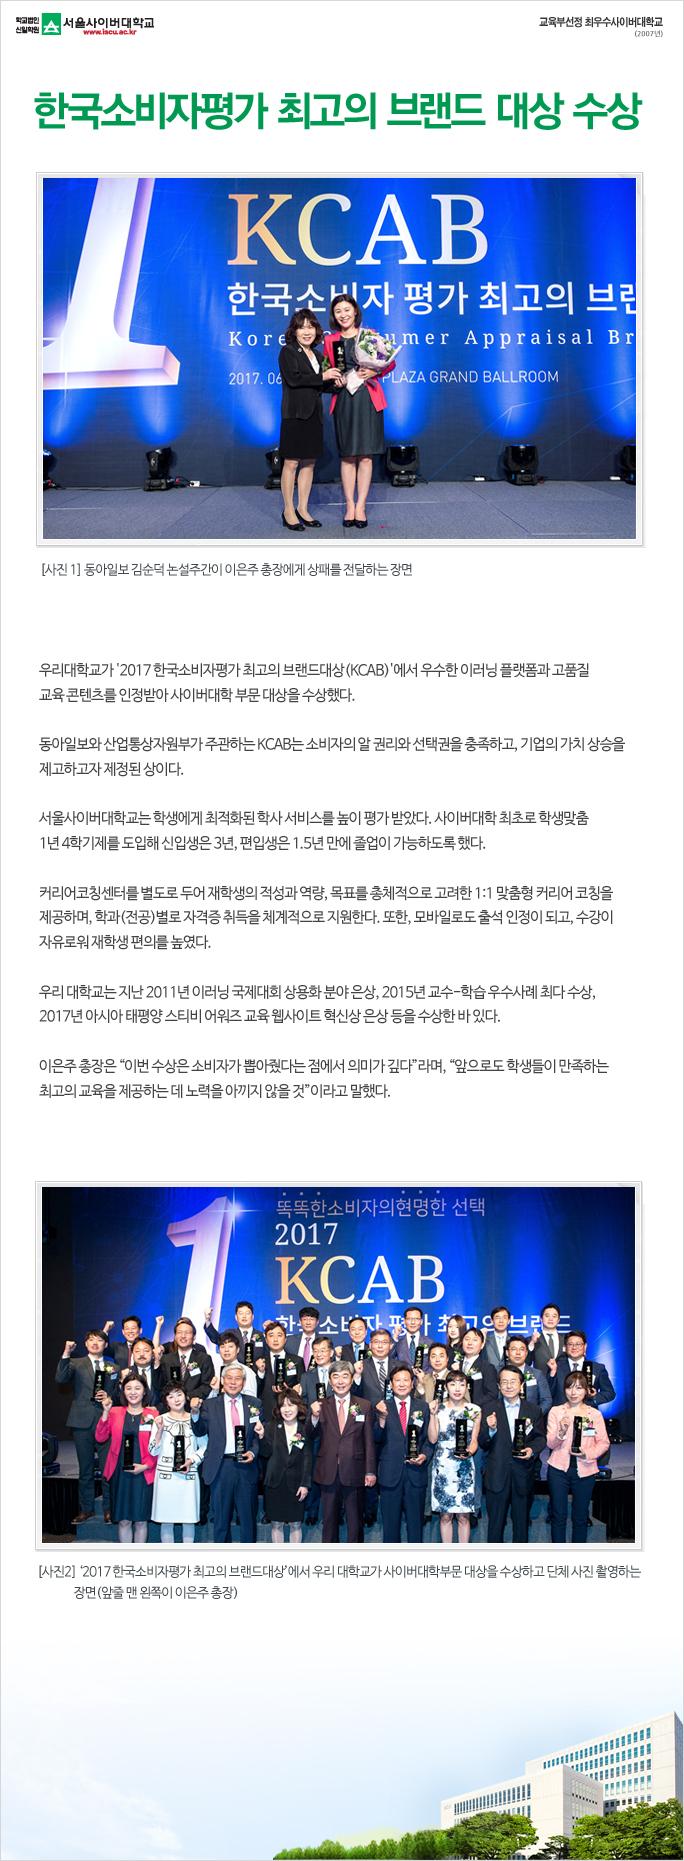 한국소비자평가 최고의 브랜드대상 수상